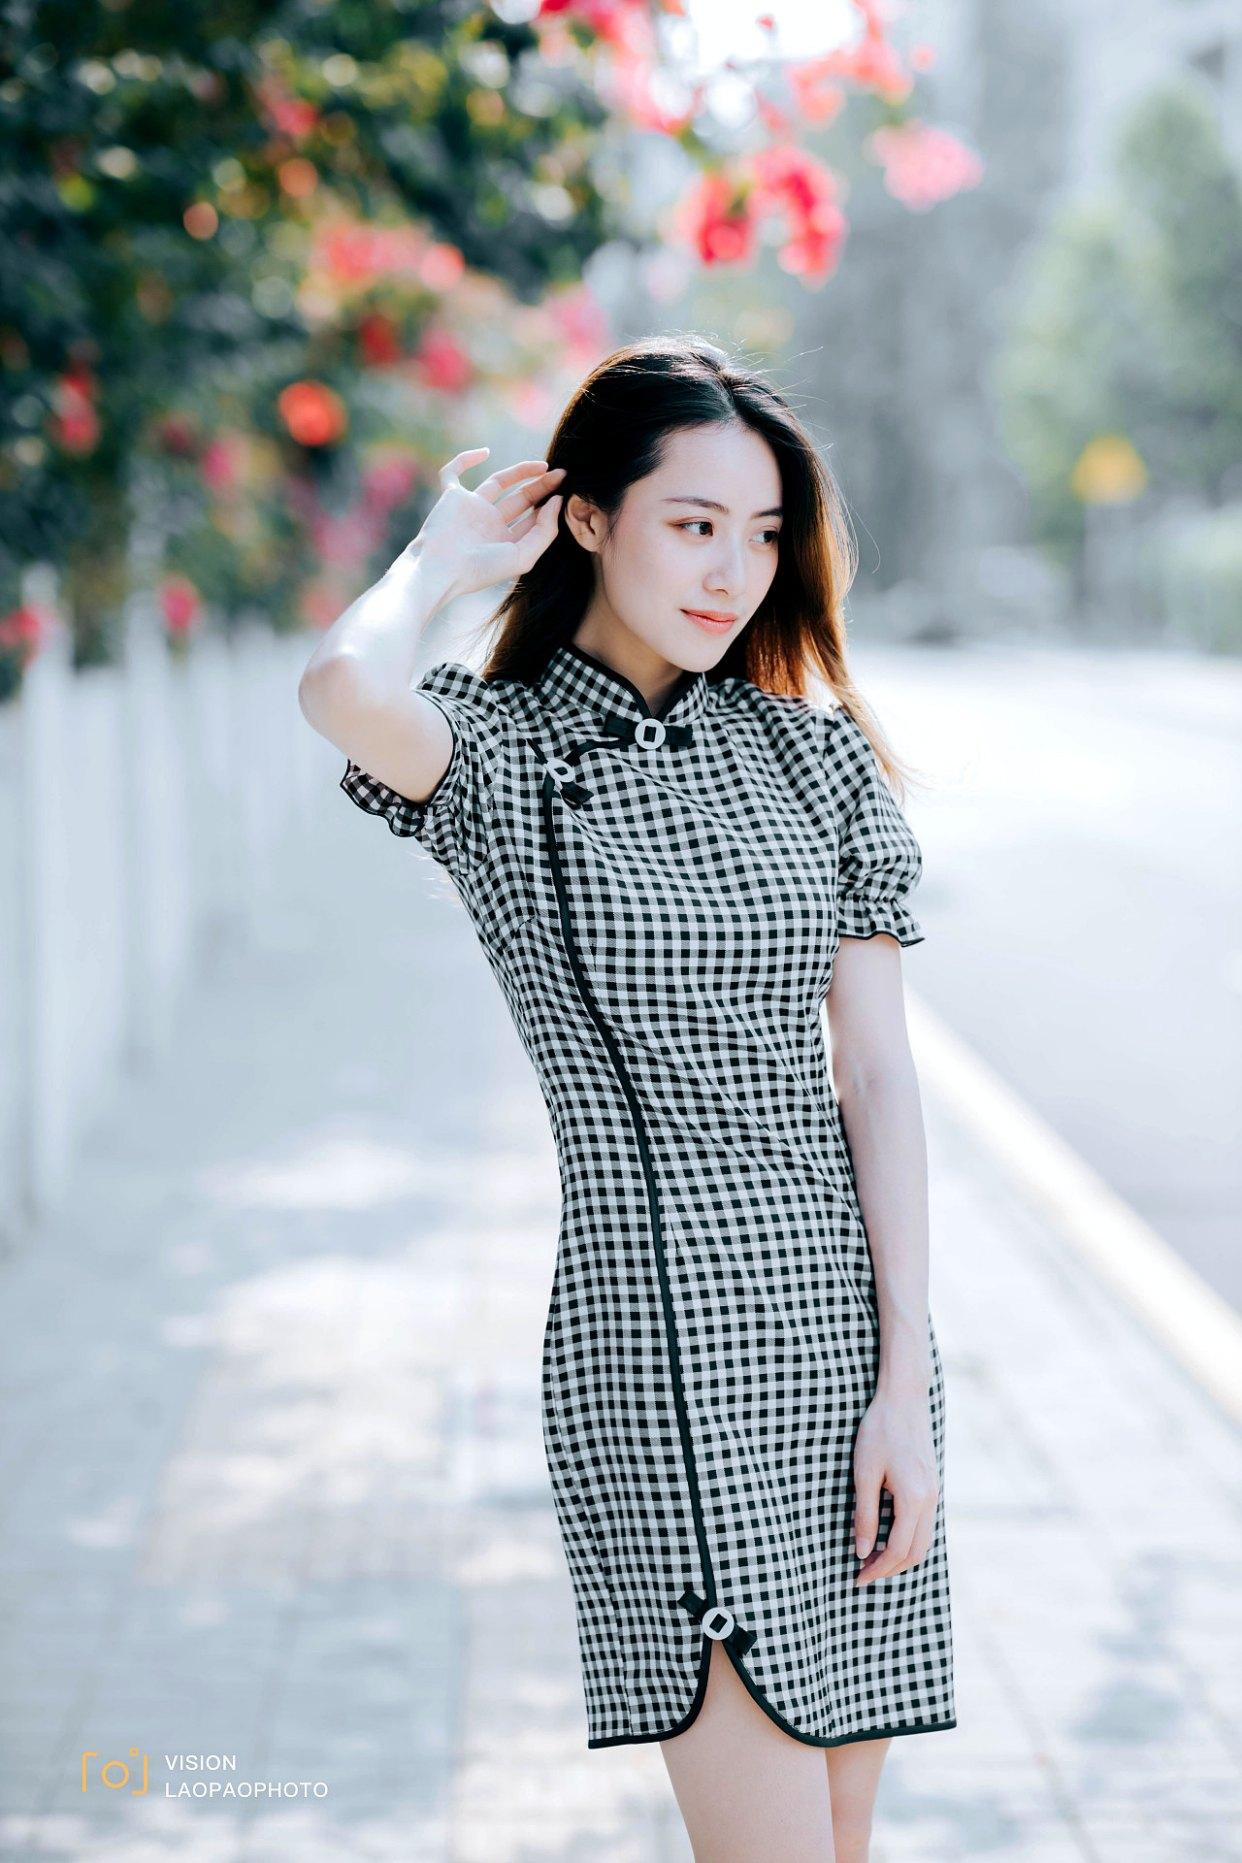 魅力女人,由内而外散发的魅力,拍照也要一举一动优雅好看